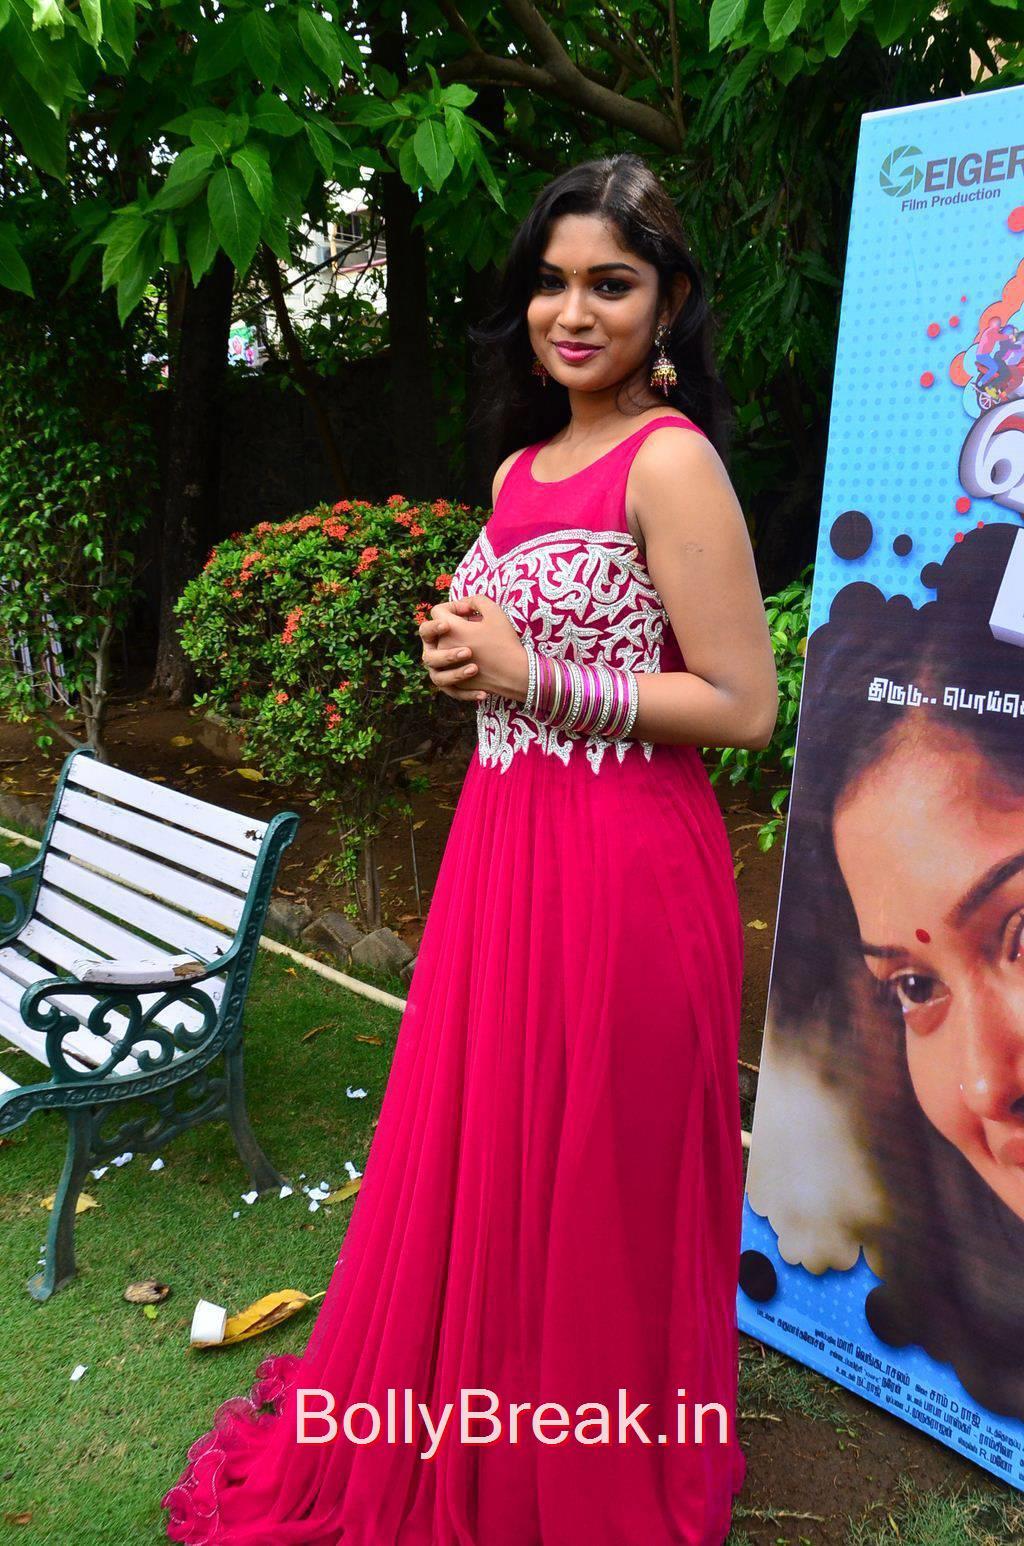 Priyanka Photo Gallery with no Watermarks, Priyanka Hot Pics from Vandha Mala Movie Press Meet